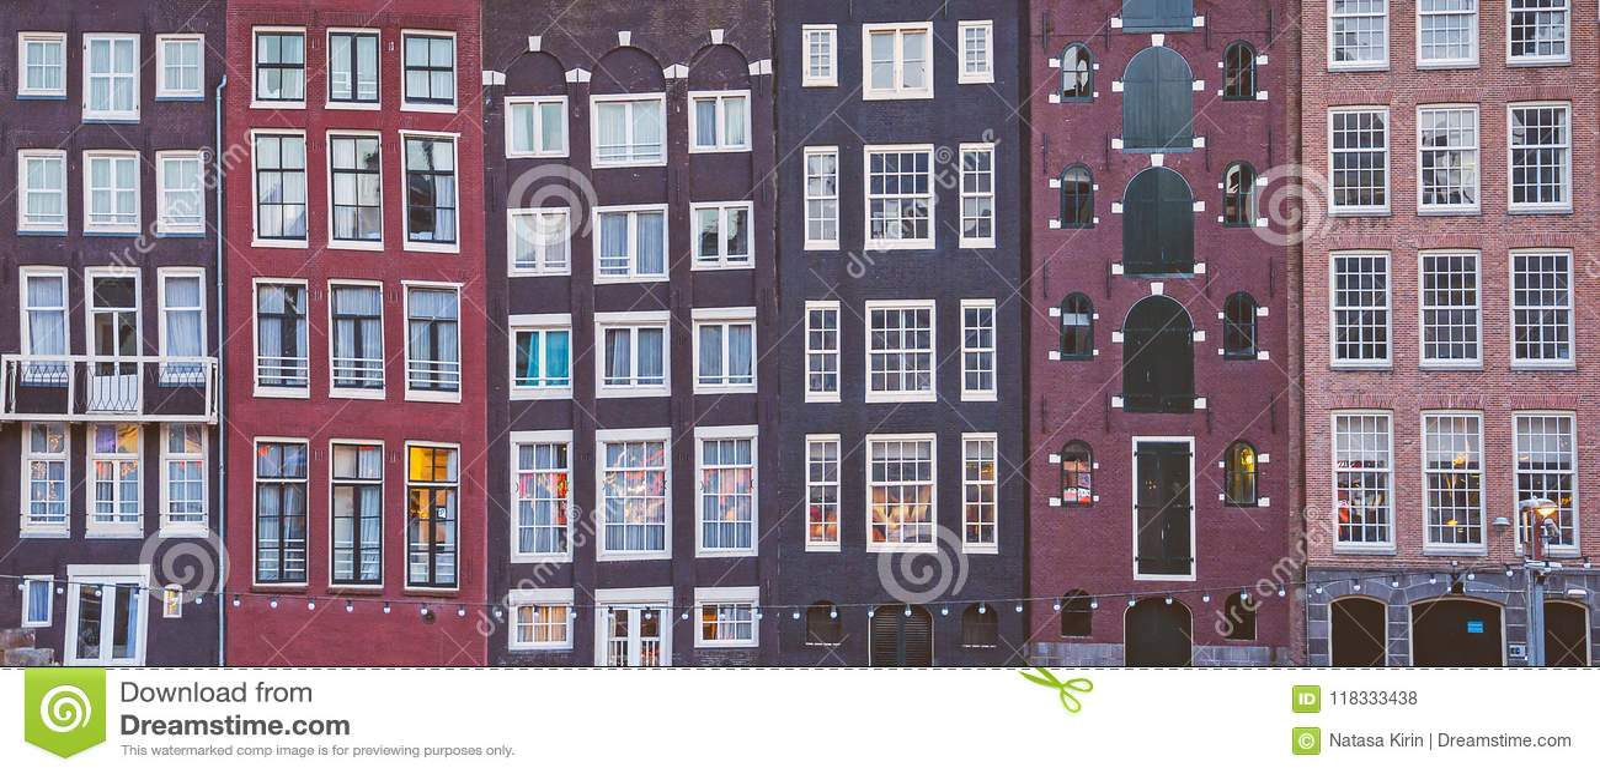 Case del canale di Amsterdam